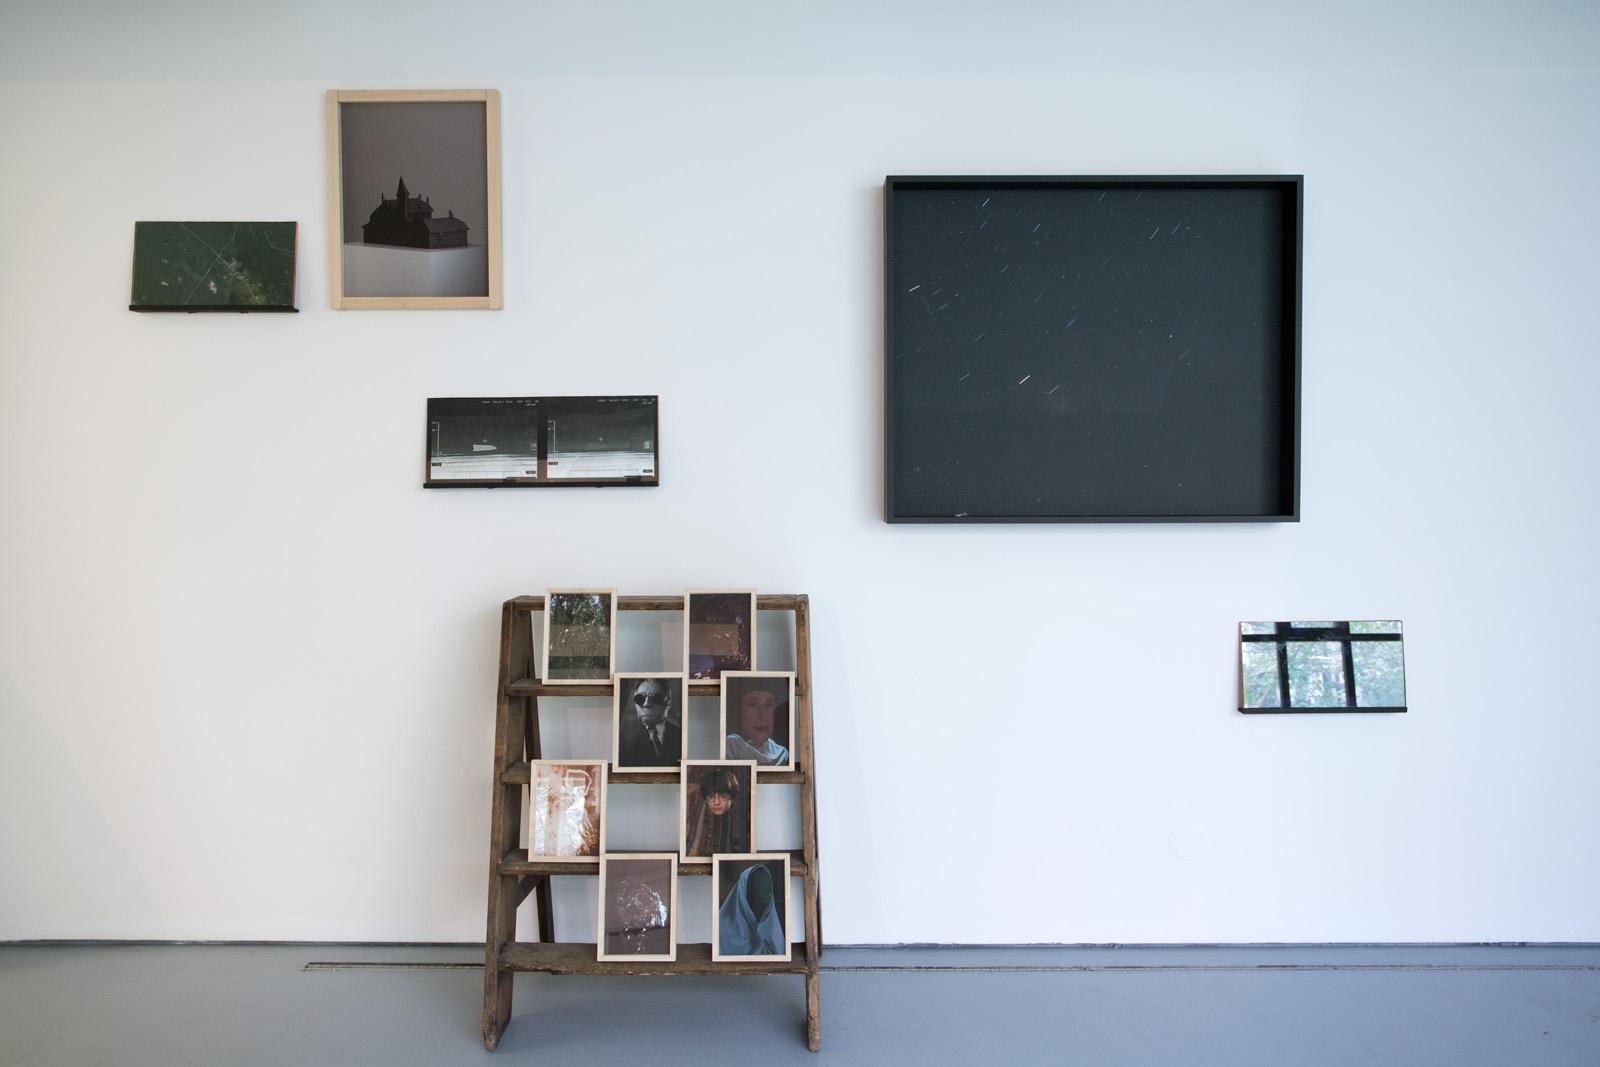 """Wystawa """"Niewidzialność: studium przypadku"""" Anny Orłowskiej w Atelier Josefa Sudka w Pradze. fot. dzięki uprzejmości artystki"""